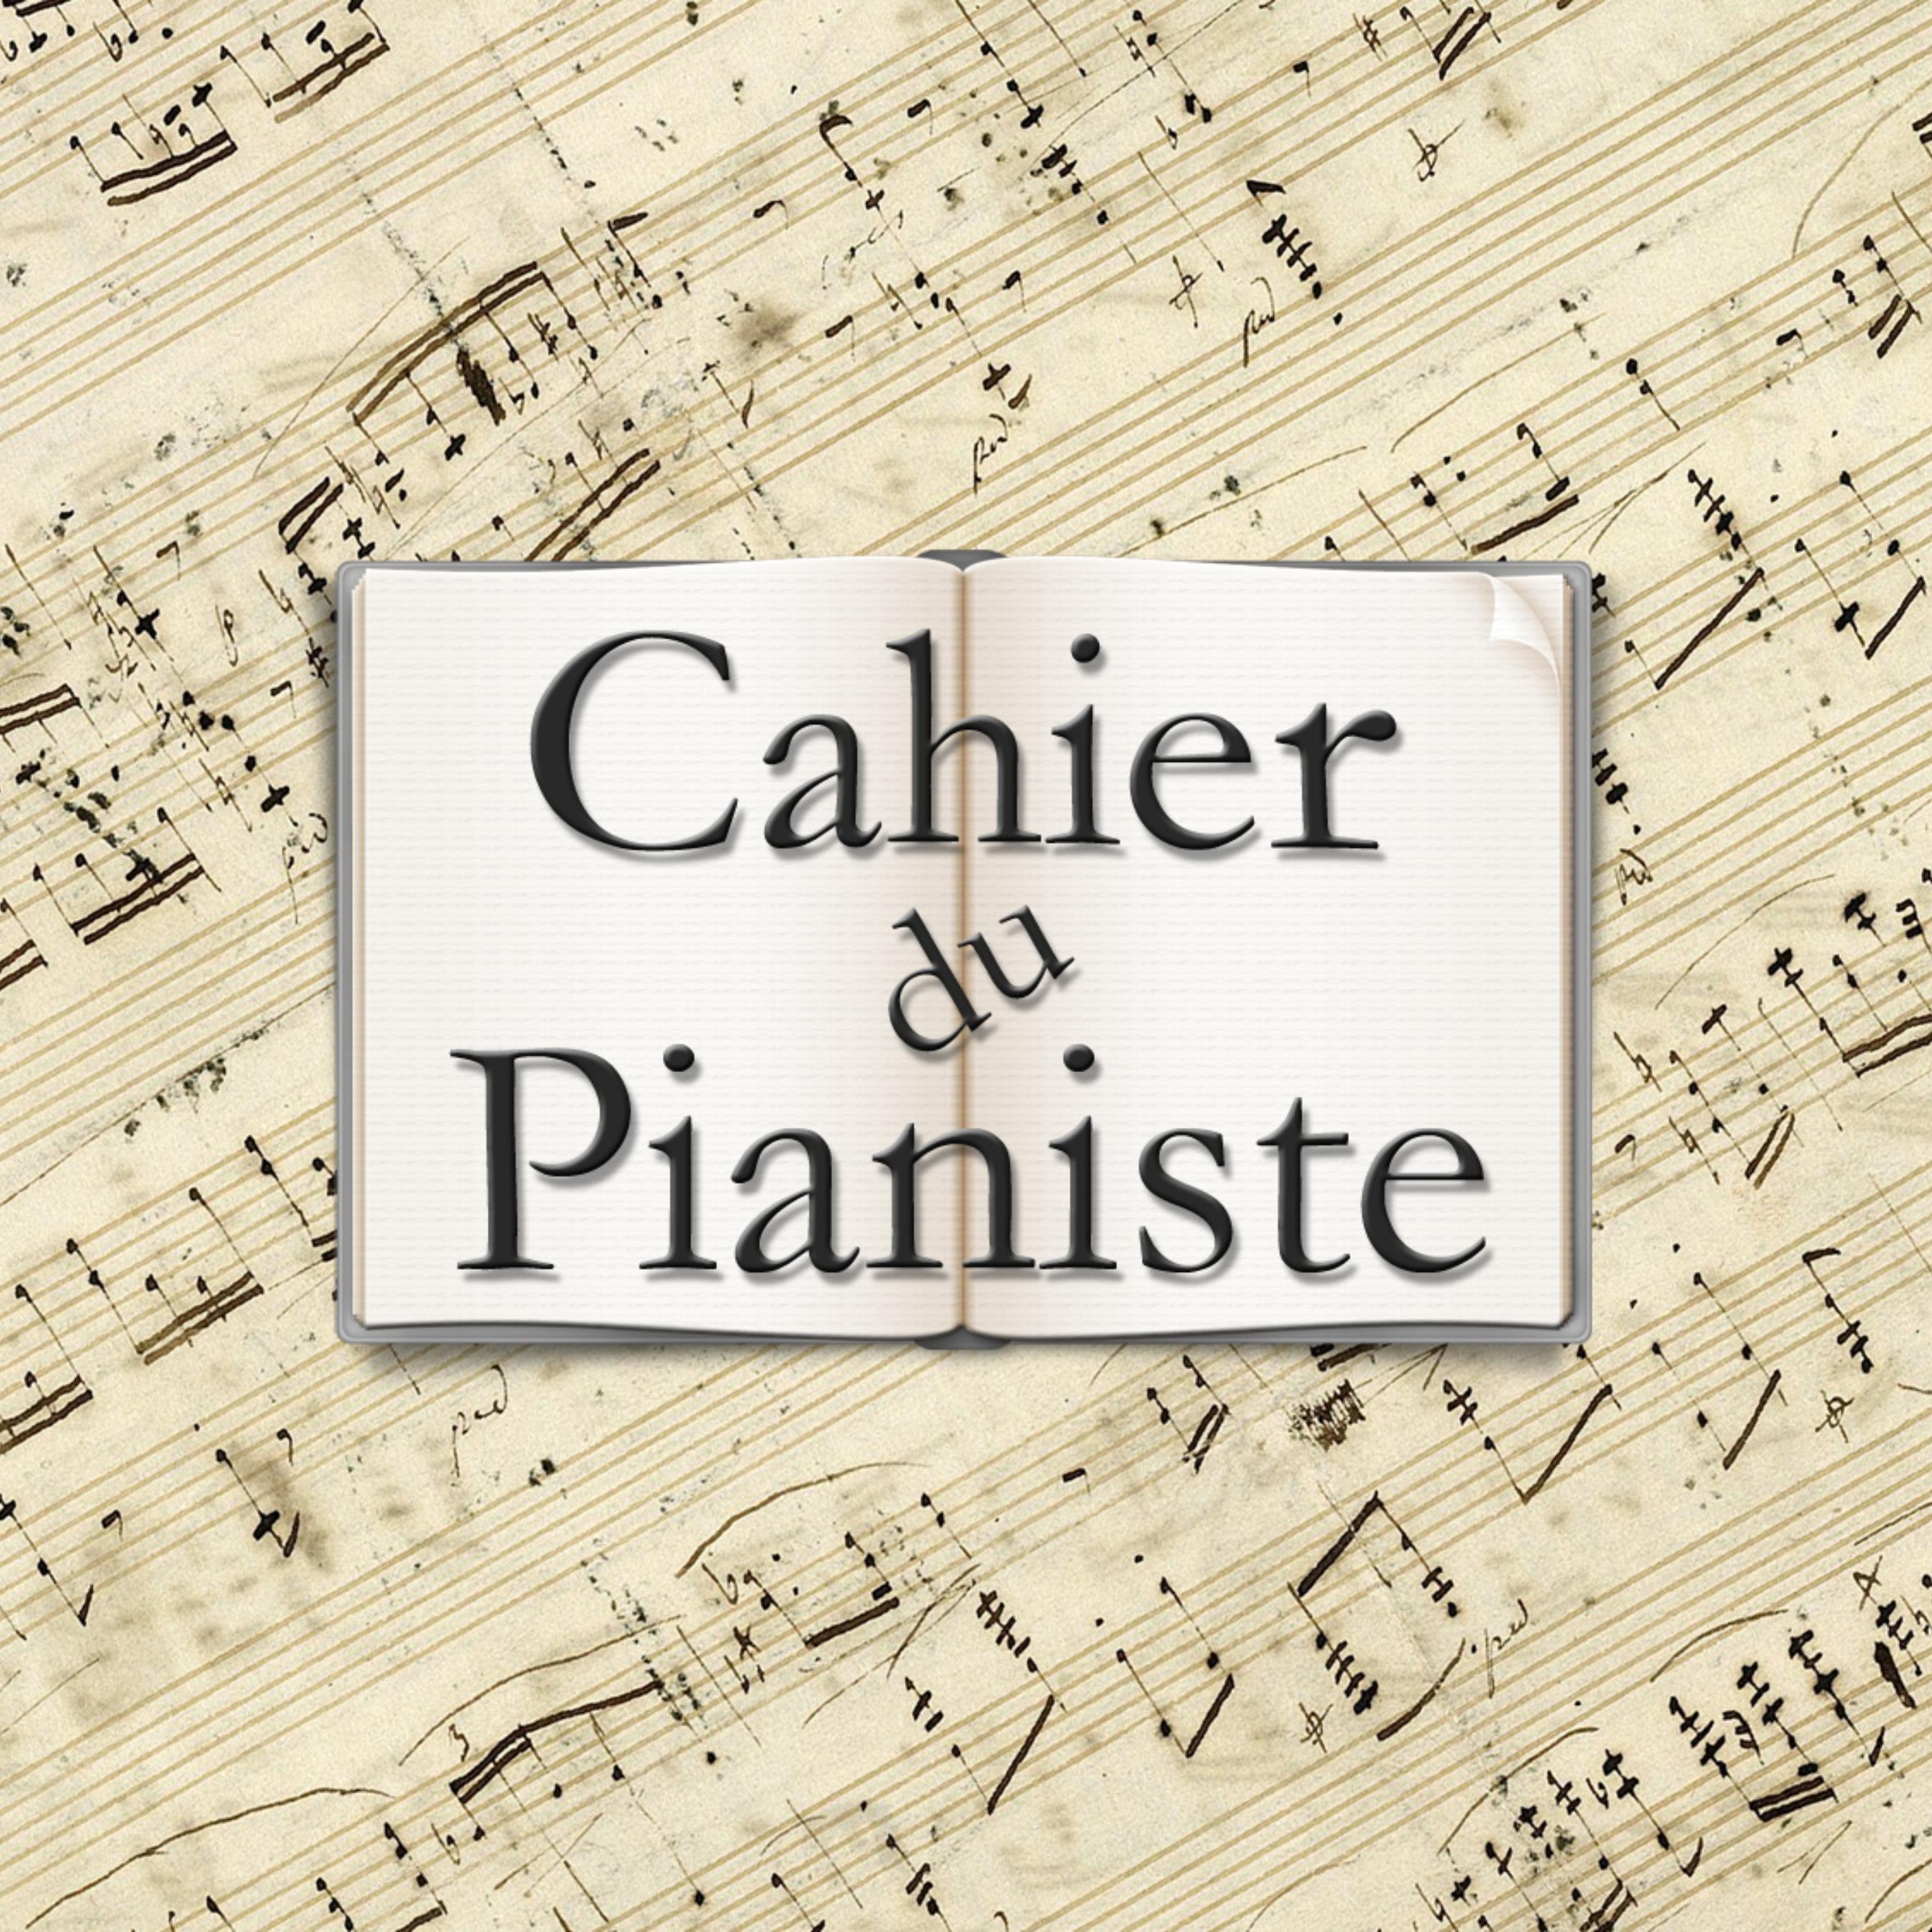 Le cahier du pianiste